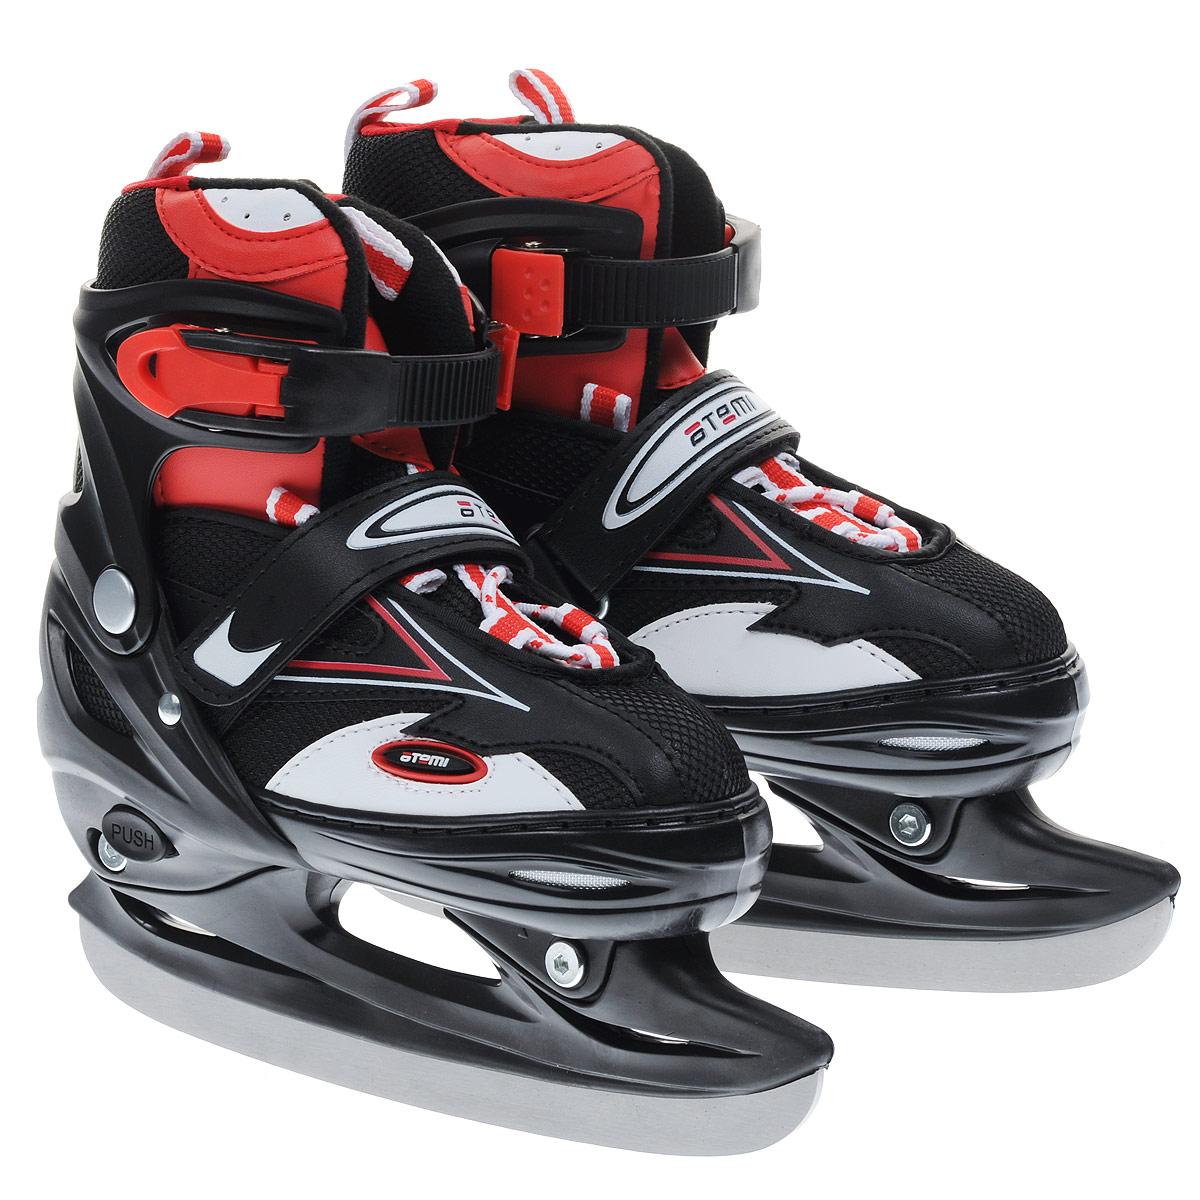 Коньки-трансформеры раздвижные Atemi Cross, хоккейные/роликовые, цвет: черный, красный, белый. Размер 34/37CROSSРаздвижные коньки-трансформеры Atemi Cross с возможностью замены конькового лезвия на колеса без ущерба функциональности - практичное и экономичное решение на летний и зимний сезоны. Стопа ребенка растет круглый год, поэтому Atemi оснастила коньки-трансформеры функцией регулировки размера.Коньки легко превращаются из роликовых в ледовые и наоборот. Материалы изготовления ботинка позволяют кататься с комфортом, как по асфальту, так и по катку. Ботинок очень хорошо держит ногу и при этом позволит чувствовать удобство во время катания. Манжета изготовлена из прочного пластика, которая защитит ногу от ударов, ботинок - из износостойкого нейлона со вставками из искусственной кожи. Внутренняя поверхность выполнена из теплого велюра, который обеспечит тепло и комфорт во время катания. Четкую фиксацию голени обеспечивают шнуровка, ремешок на липучке и пластиковая бакля с фиксатором.Особенностью коньков является раздвижная конструкция, которая позволяет увеличивать длину ботинка на 4 размера по мере роста ноги ребенка.Стальное хоккейное лезвие обеспечит превосходное скольжение. В комплект входят пластиковые рамы с колесами из полиуретана. Одна рама дополнена тормозом.